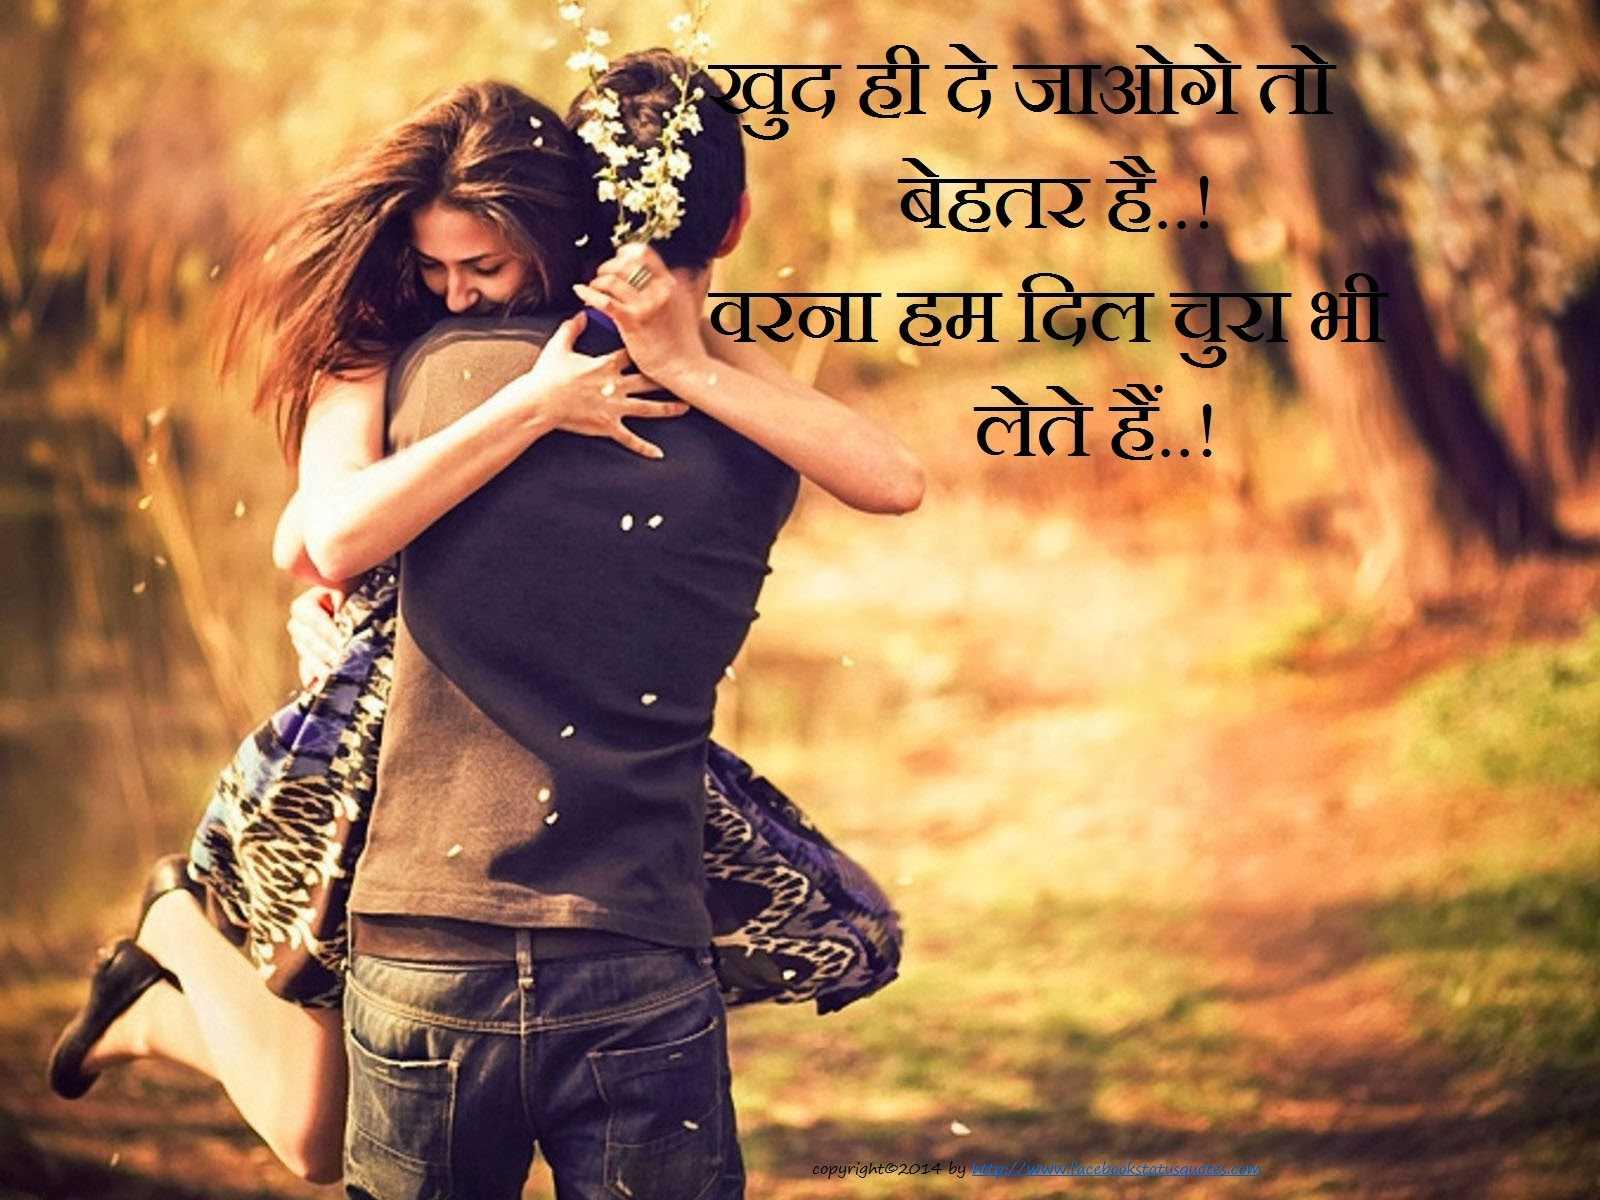 Whatsapp Attitude Status in Hindi for girls